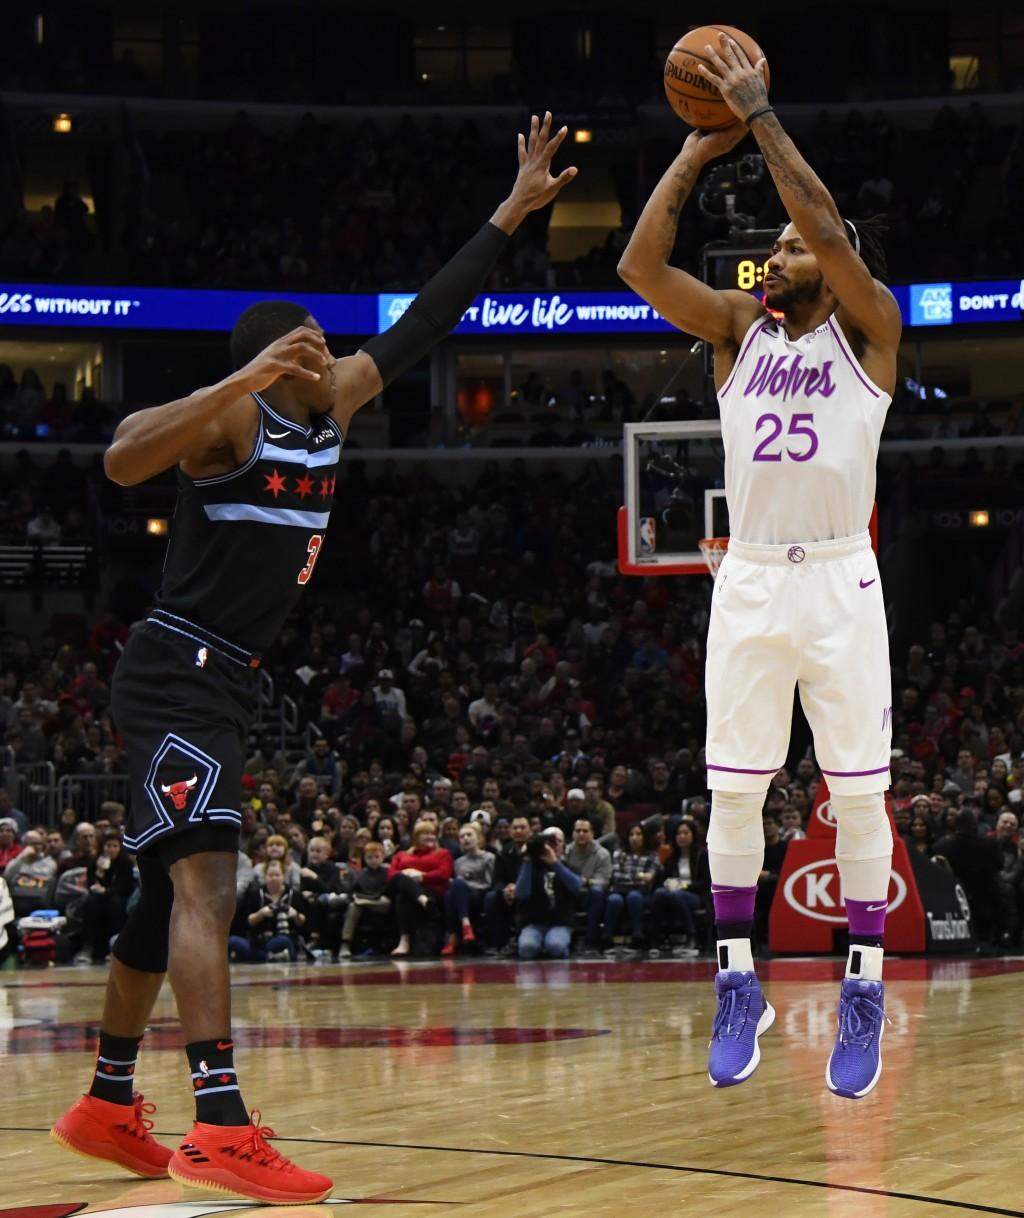 Minnesota Timberwolves guard Derrick Rose (25) shoots over Chicago Bulls guard Kris Dunn during the first half of an NBA basketball game Wednesday, De...